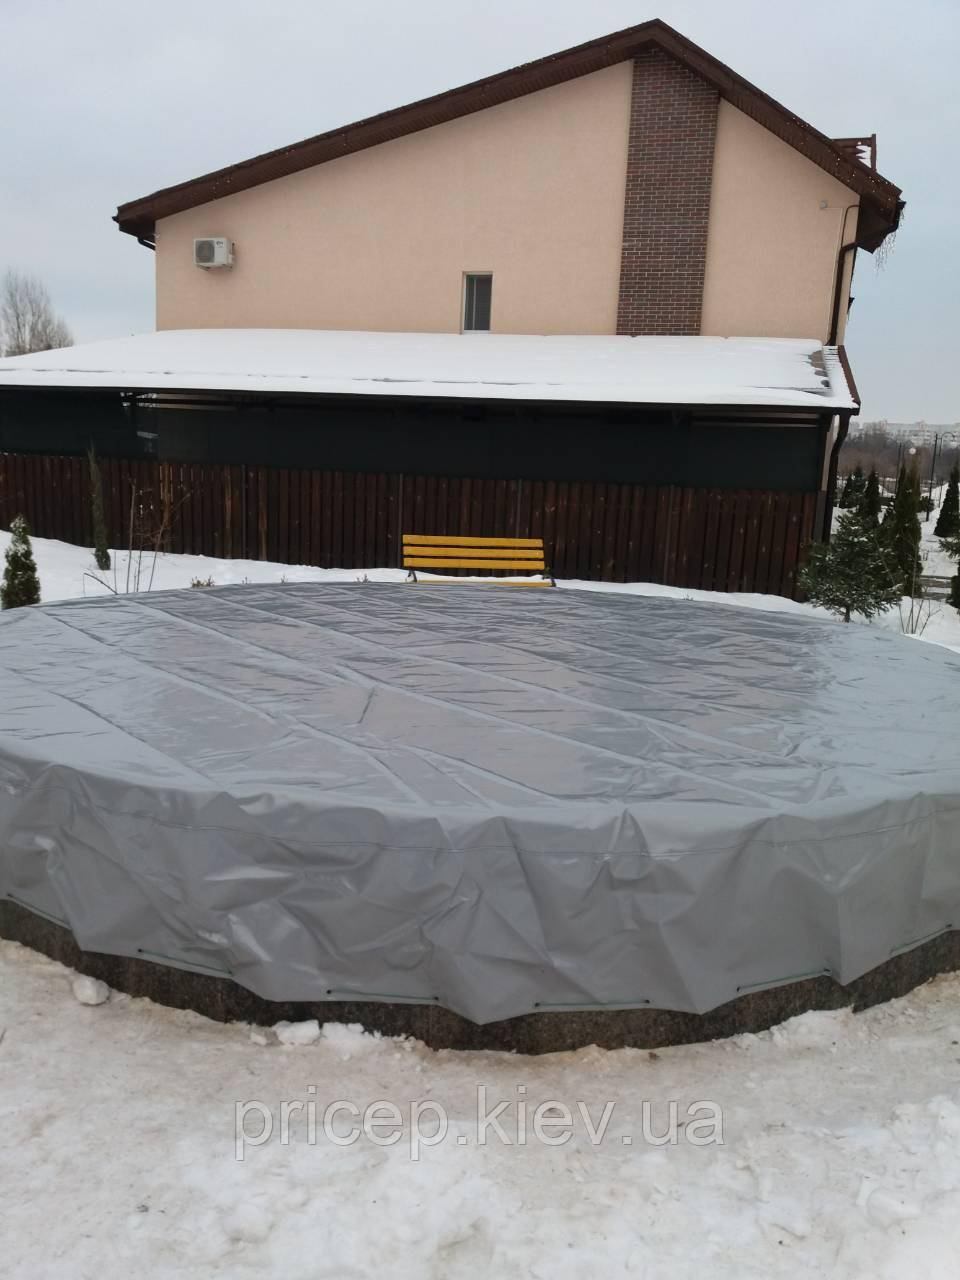 Тент для фонтана из ПВХ ткани.